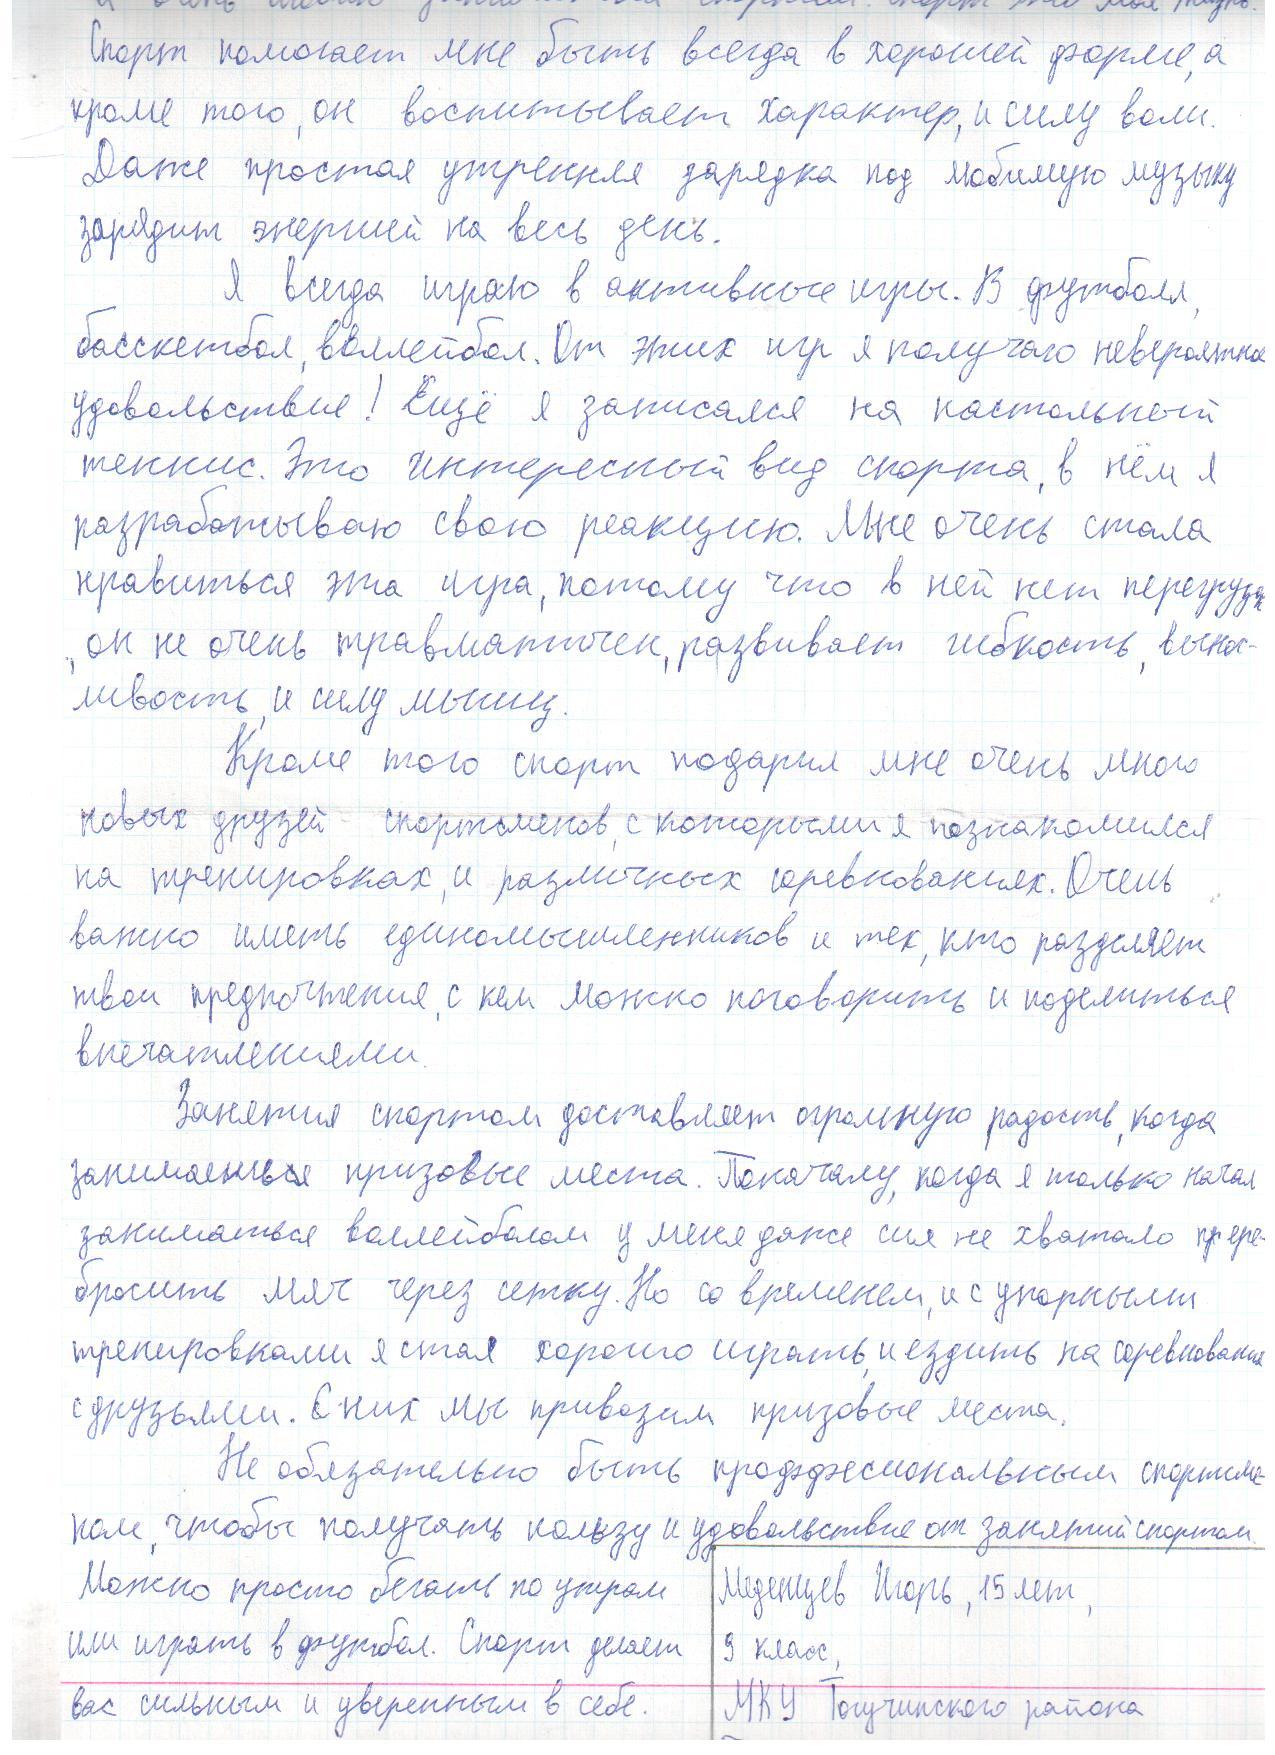 Тогучин Меденцев Игорь